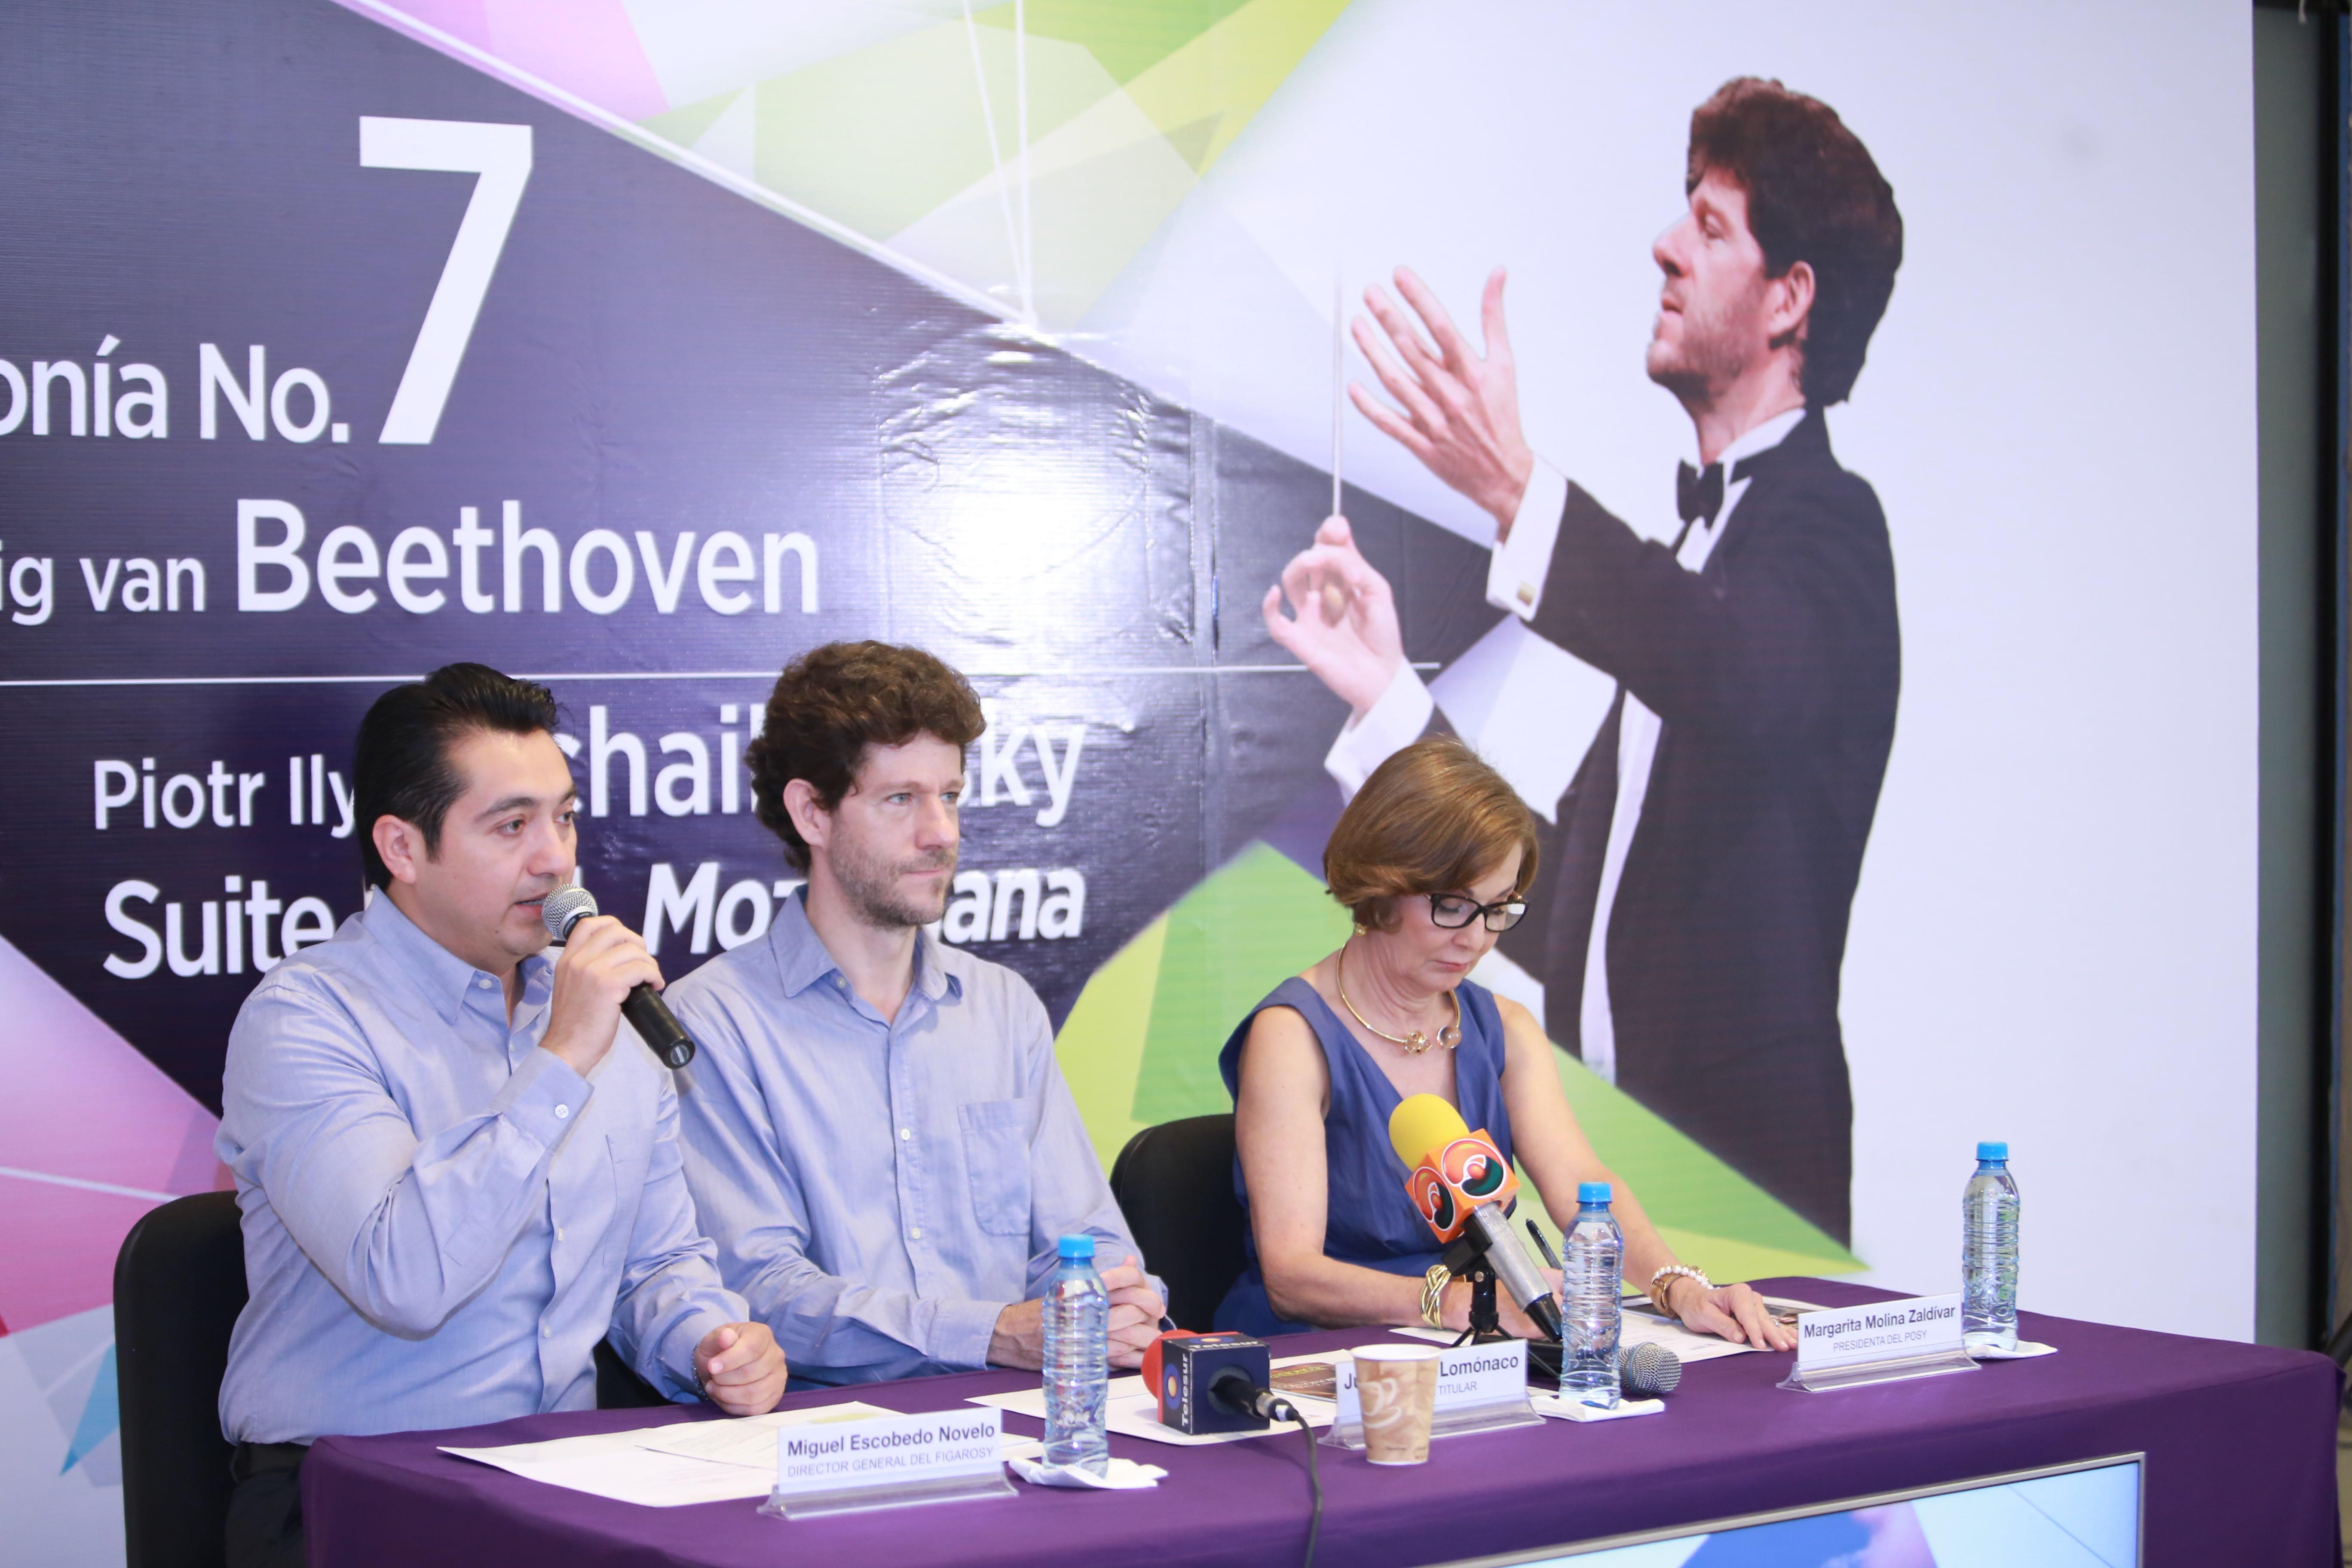 Joyas musicales de Beethoven y Tchaikovsky en repertorio de OSY